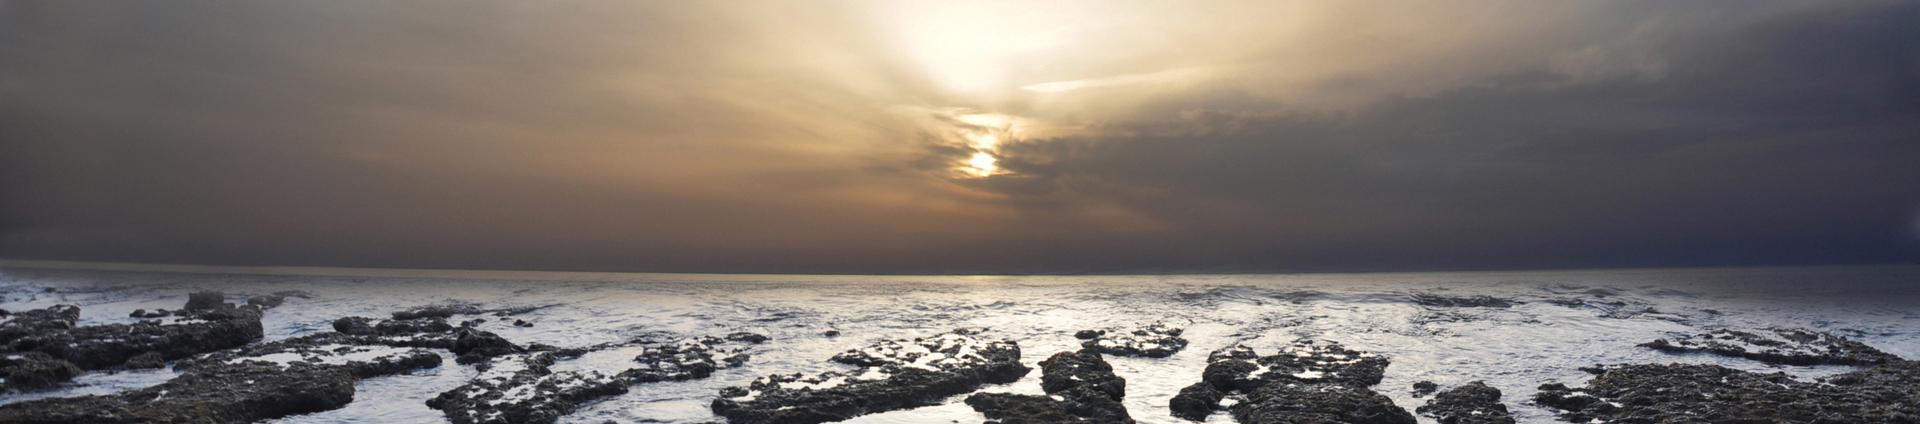 יואל שתרוג - אדמה יוצרת - yoel sitruk - לילה בחוף אכזיב - שקיעה - ים